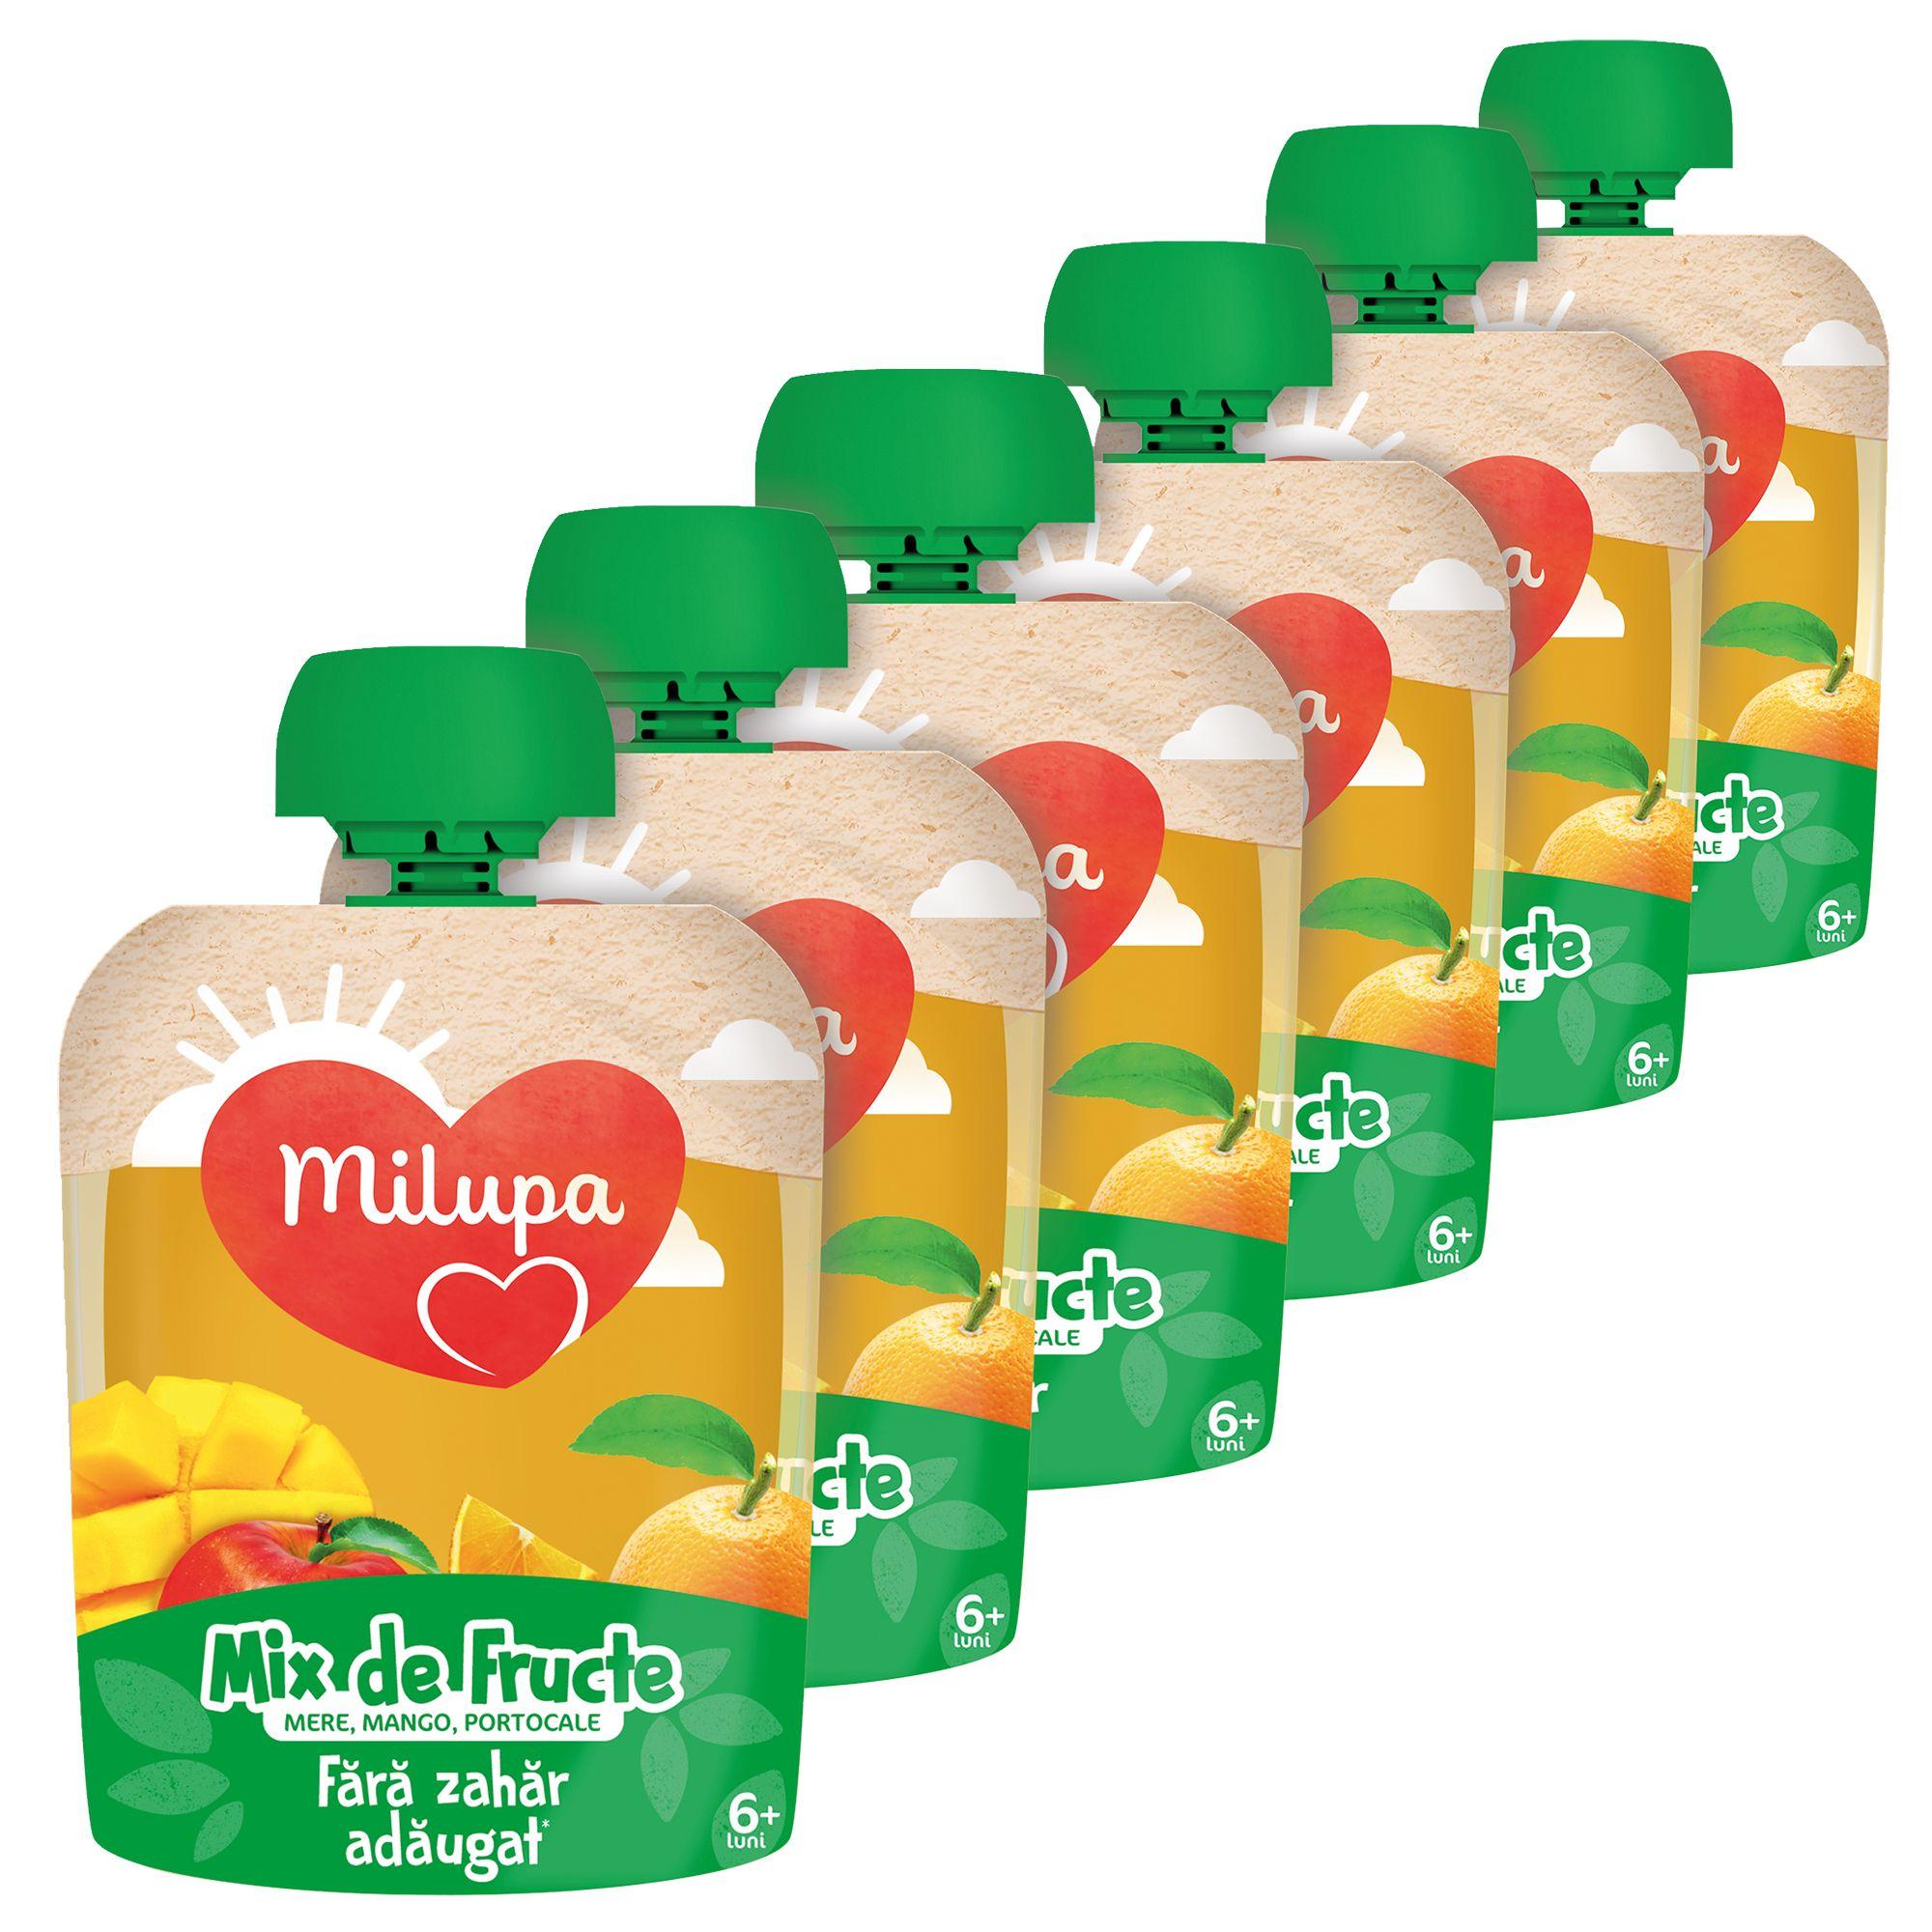 Pachet 6 x Piure de Fructe(mere, mango, portocale) 90g